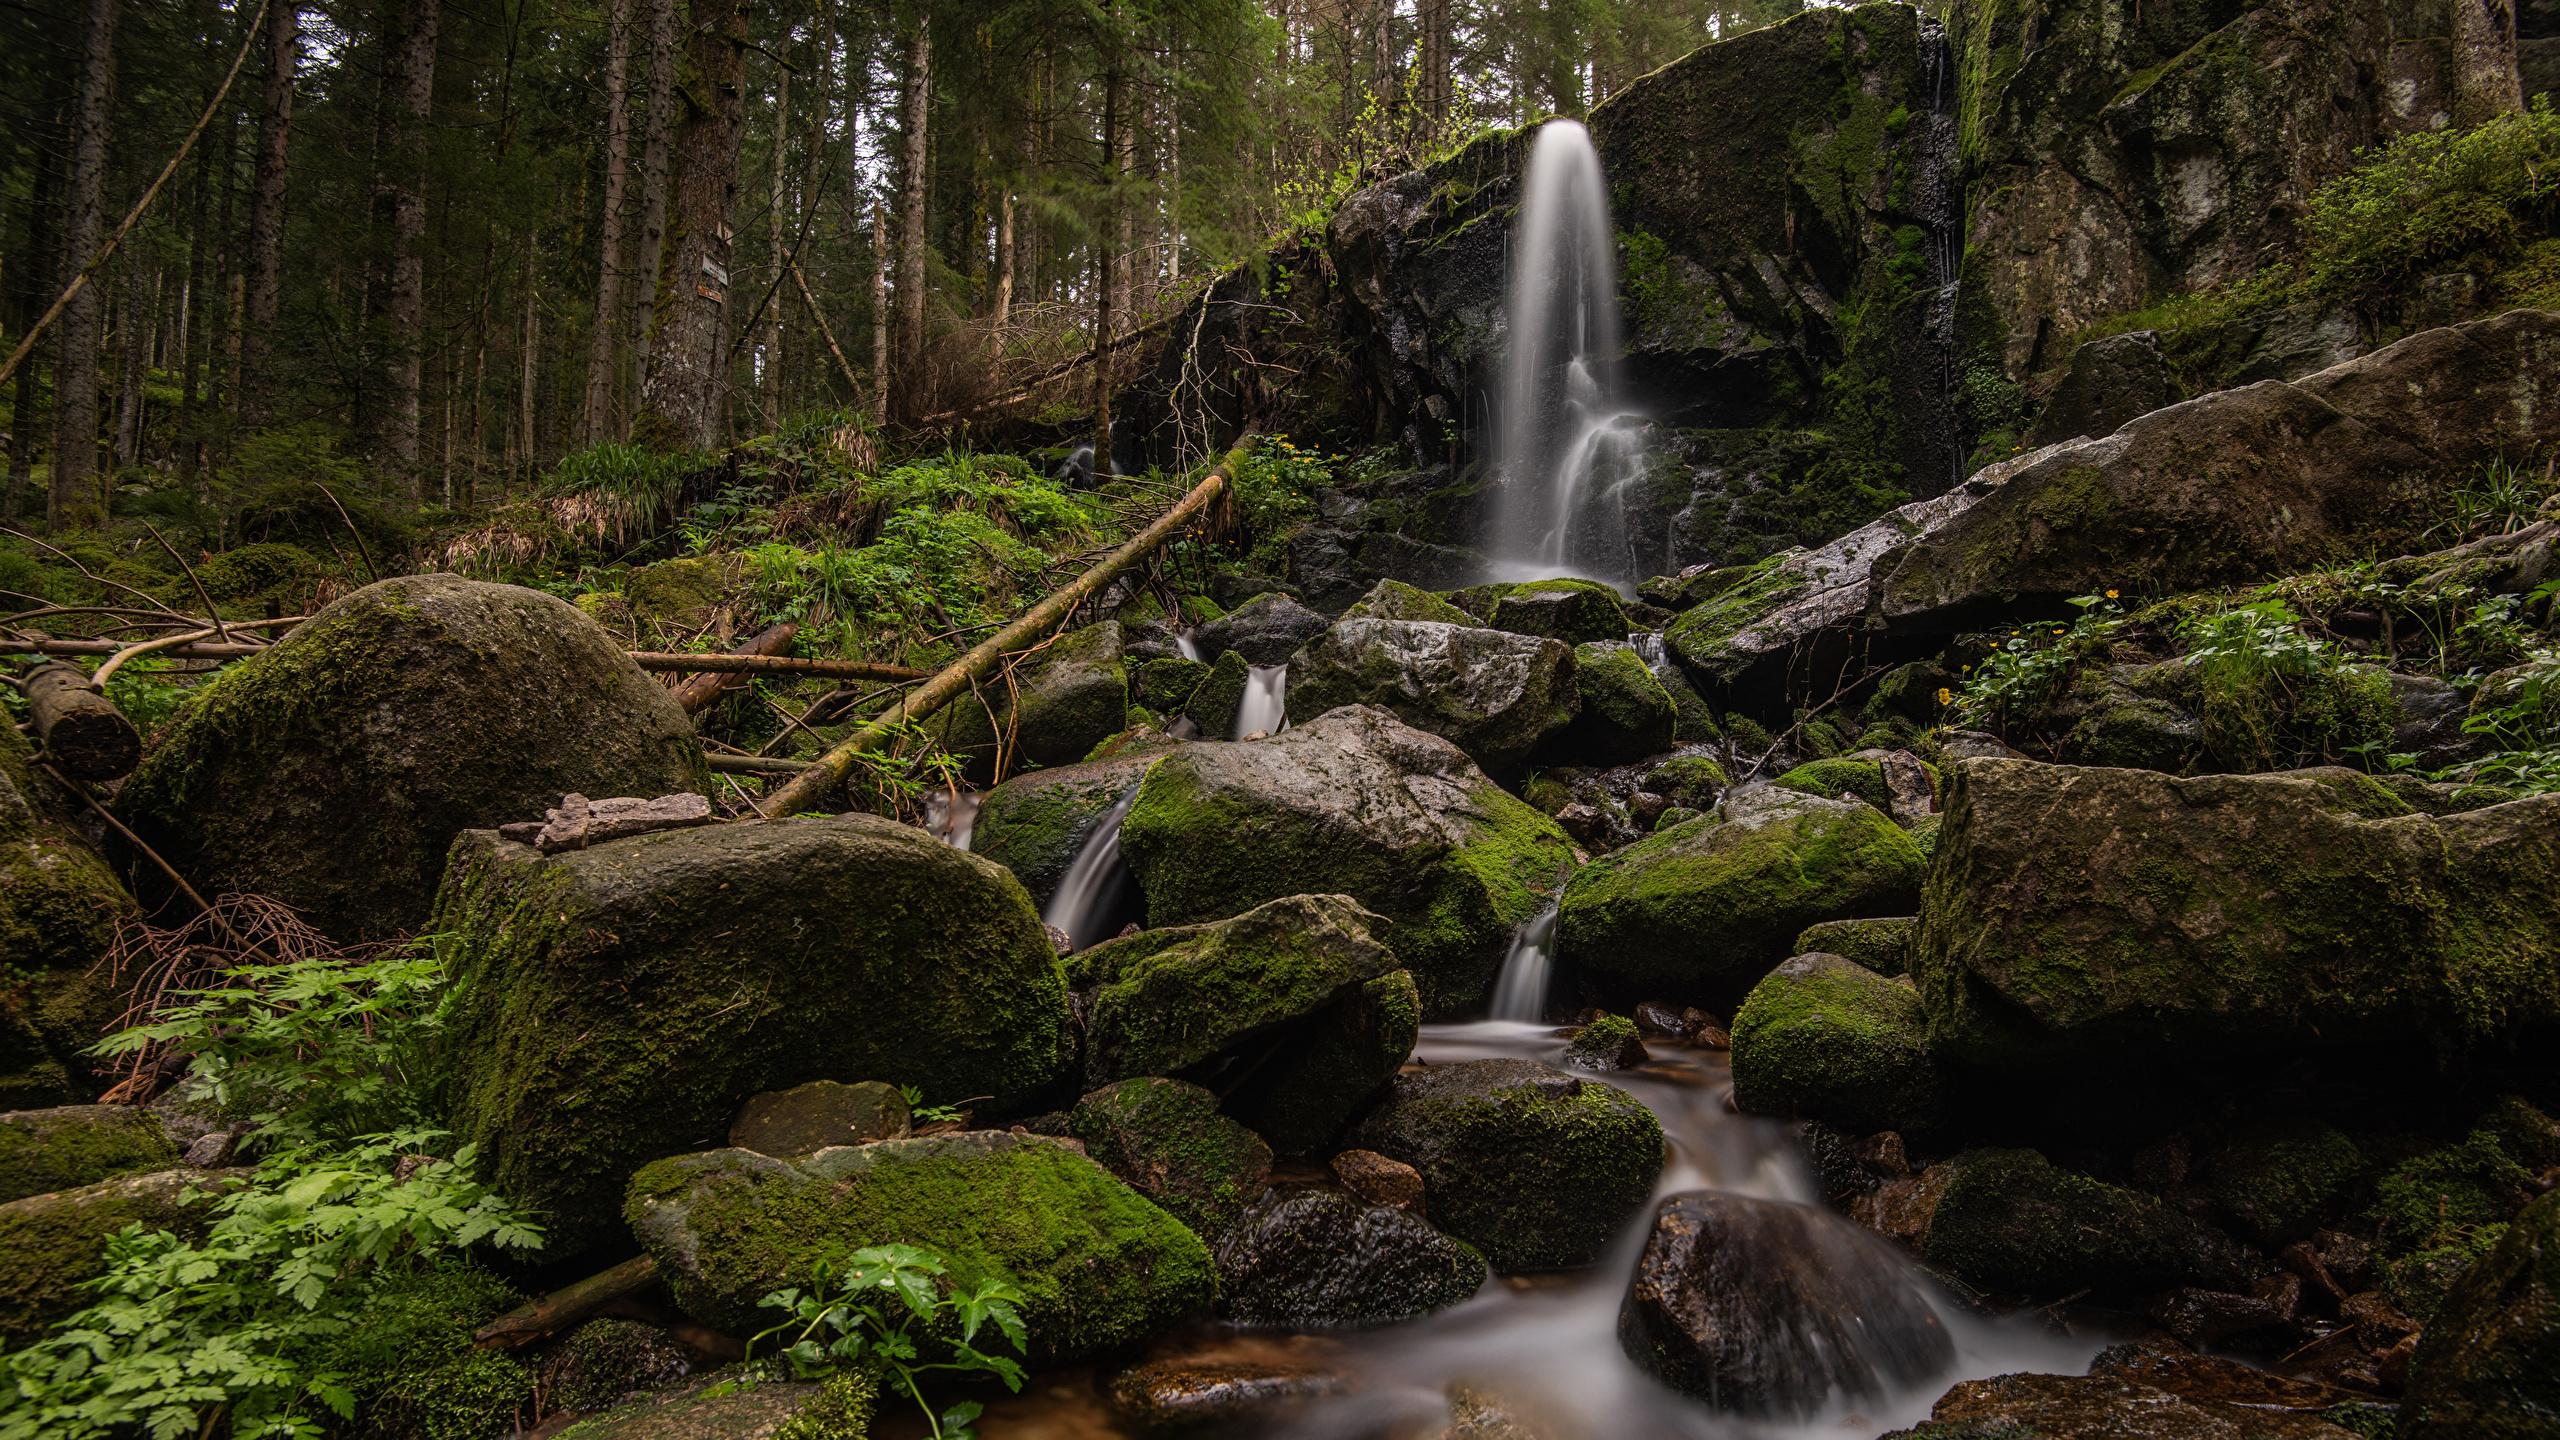 Фотографии Франция Cascade de Merelle скалы Природа Водопады лес мха Камни 2560x1440 Утес Скала скале Леса Мох мхом Камень